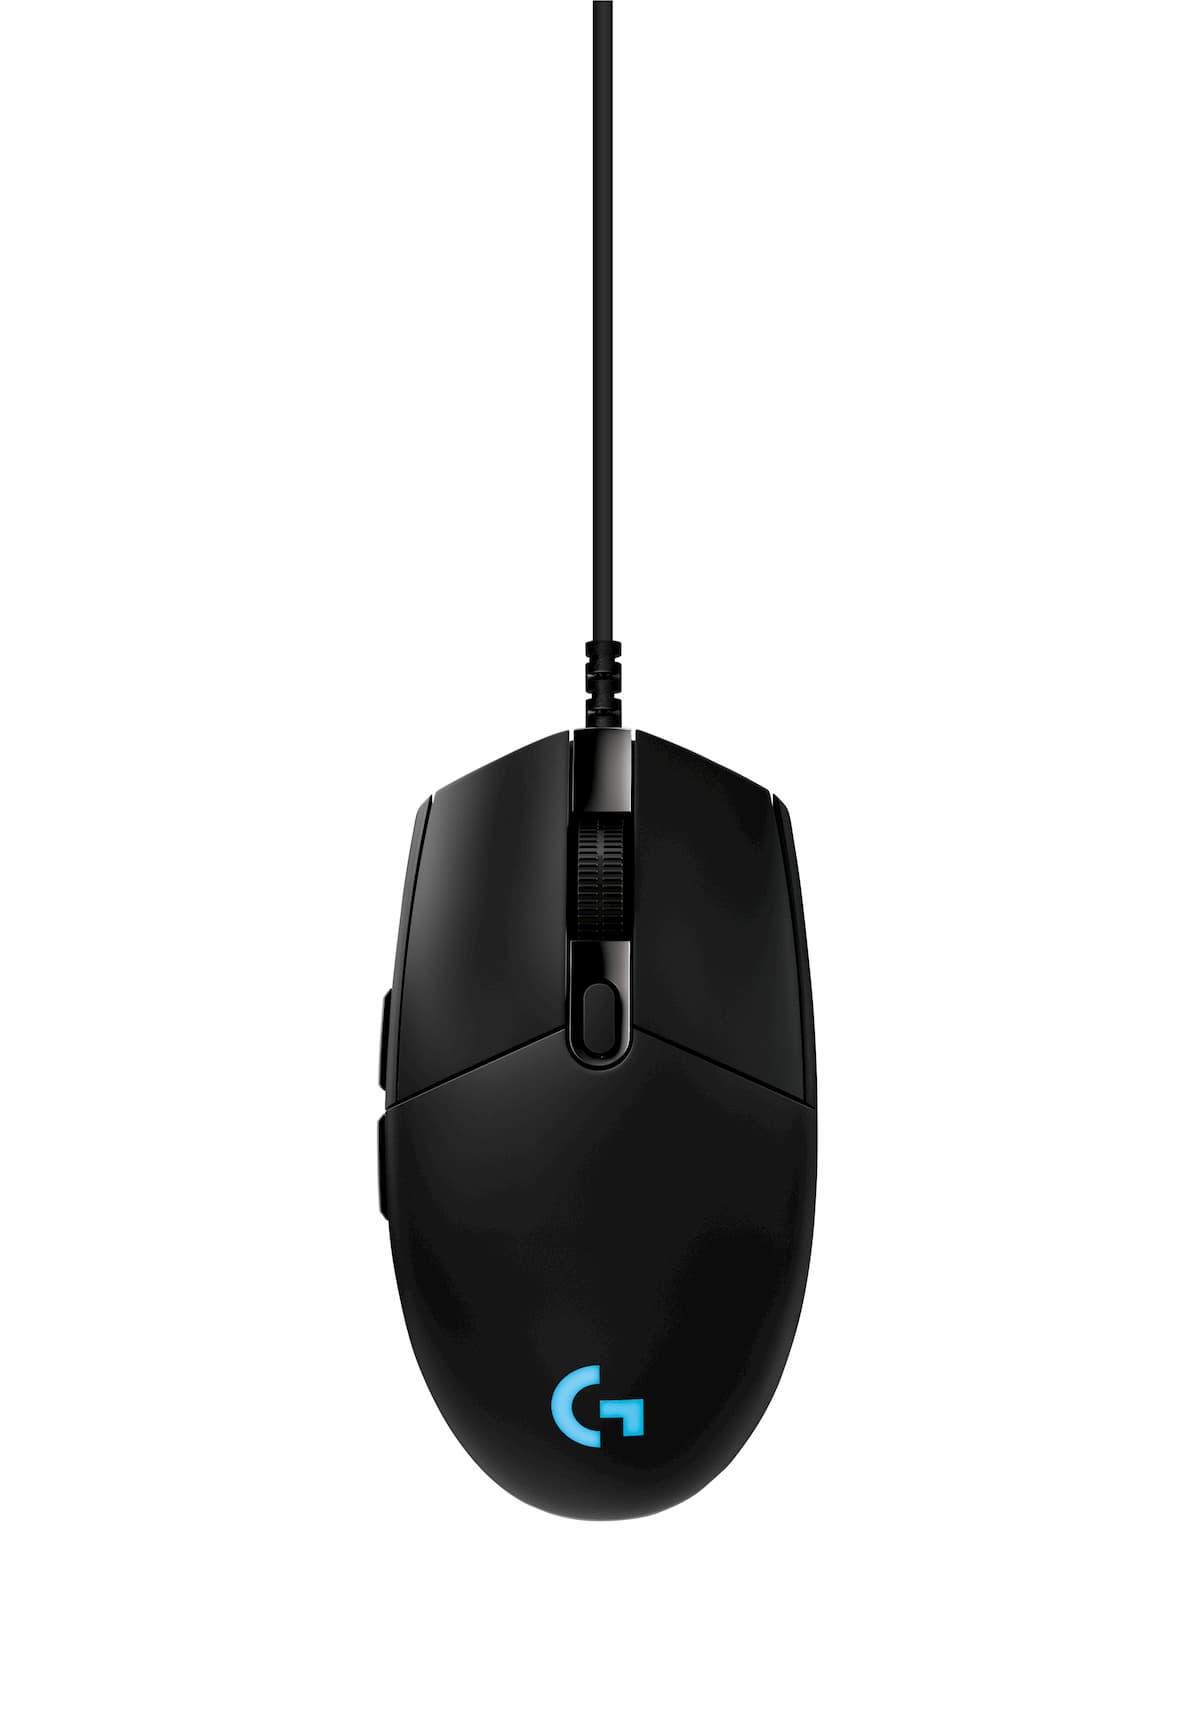 PRO HERO ゲーミングマウス G-PPD-001t